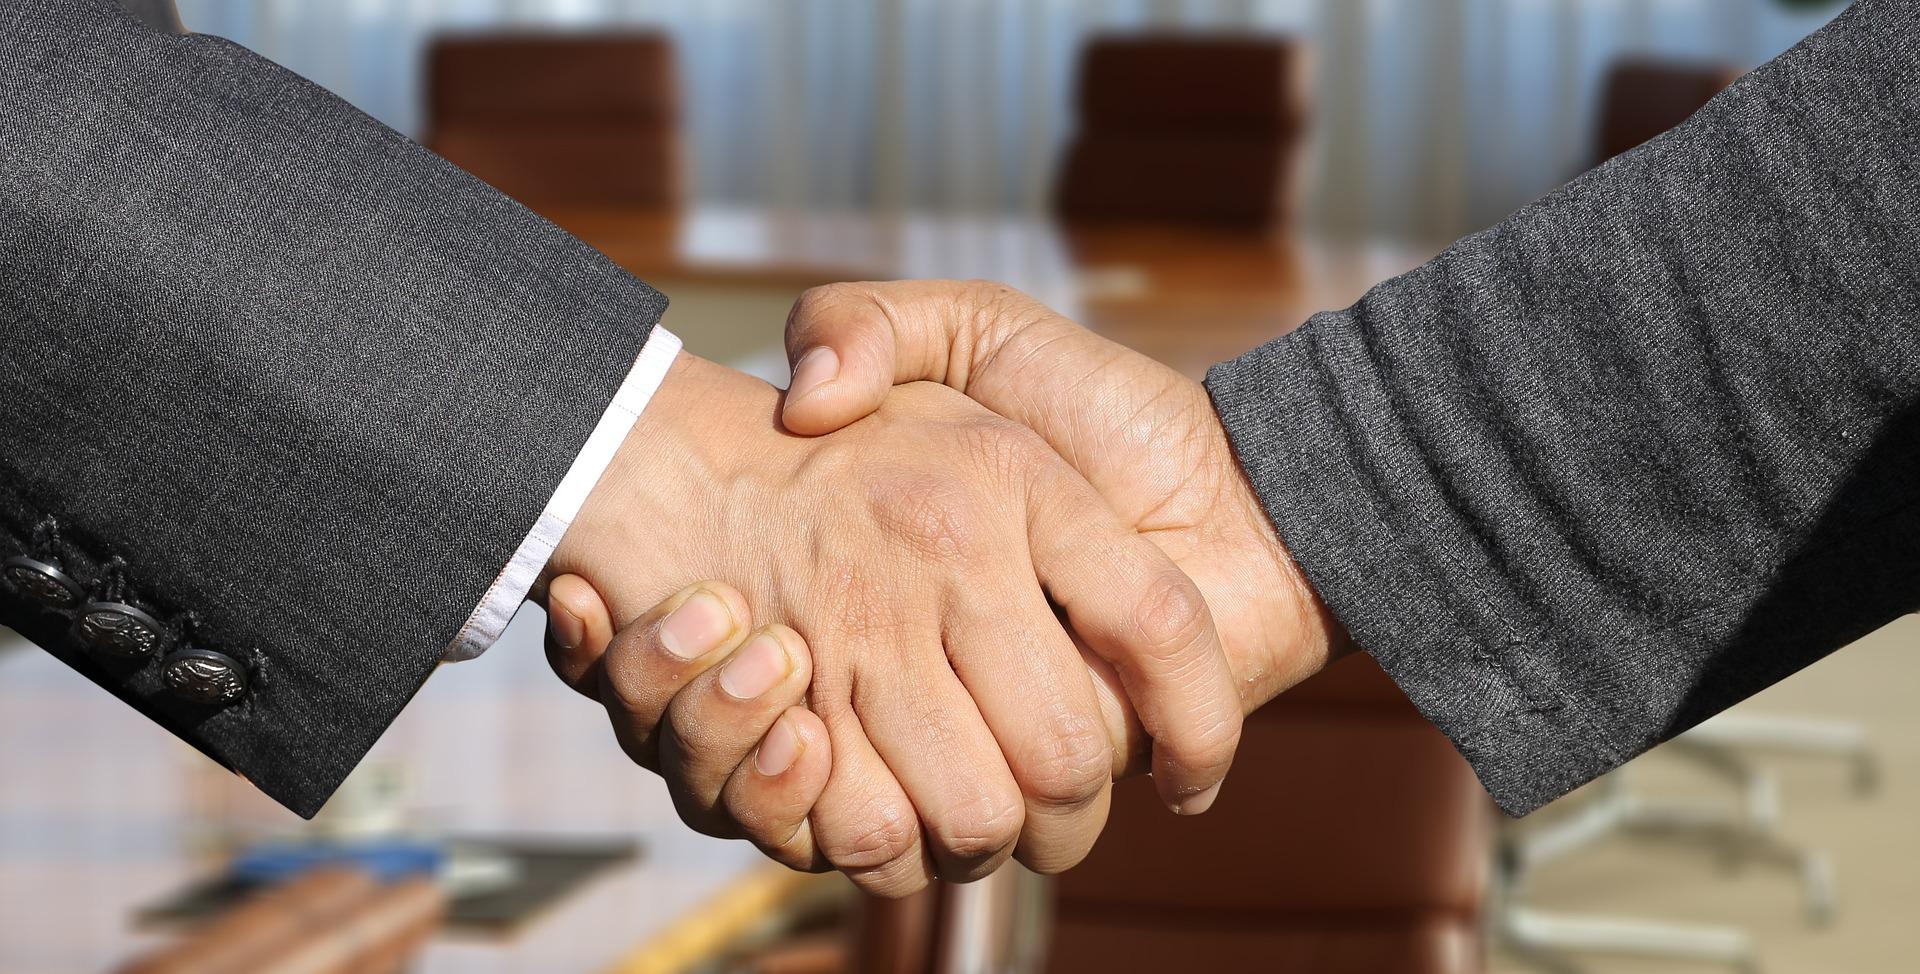 Négociation commerciale : comment détecter le bluff?